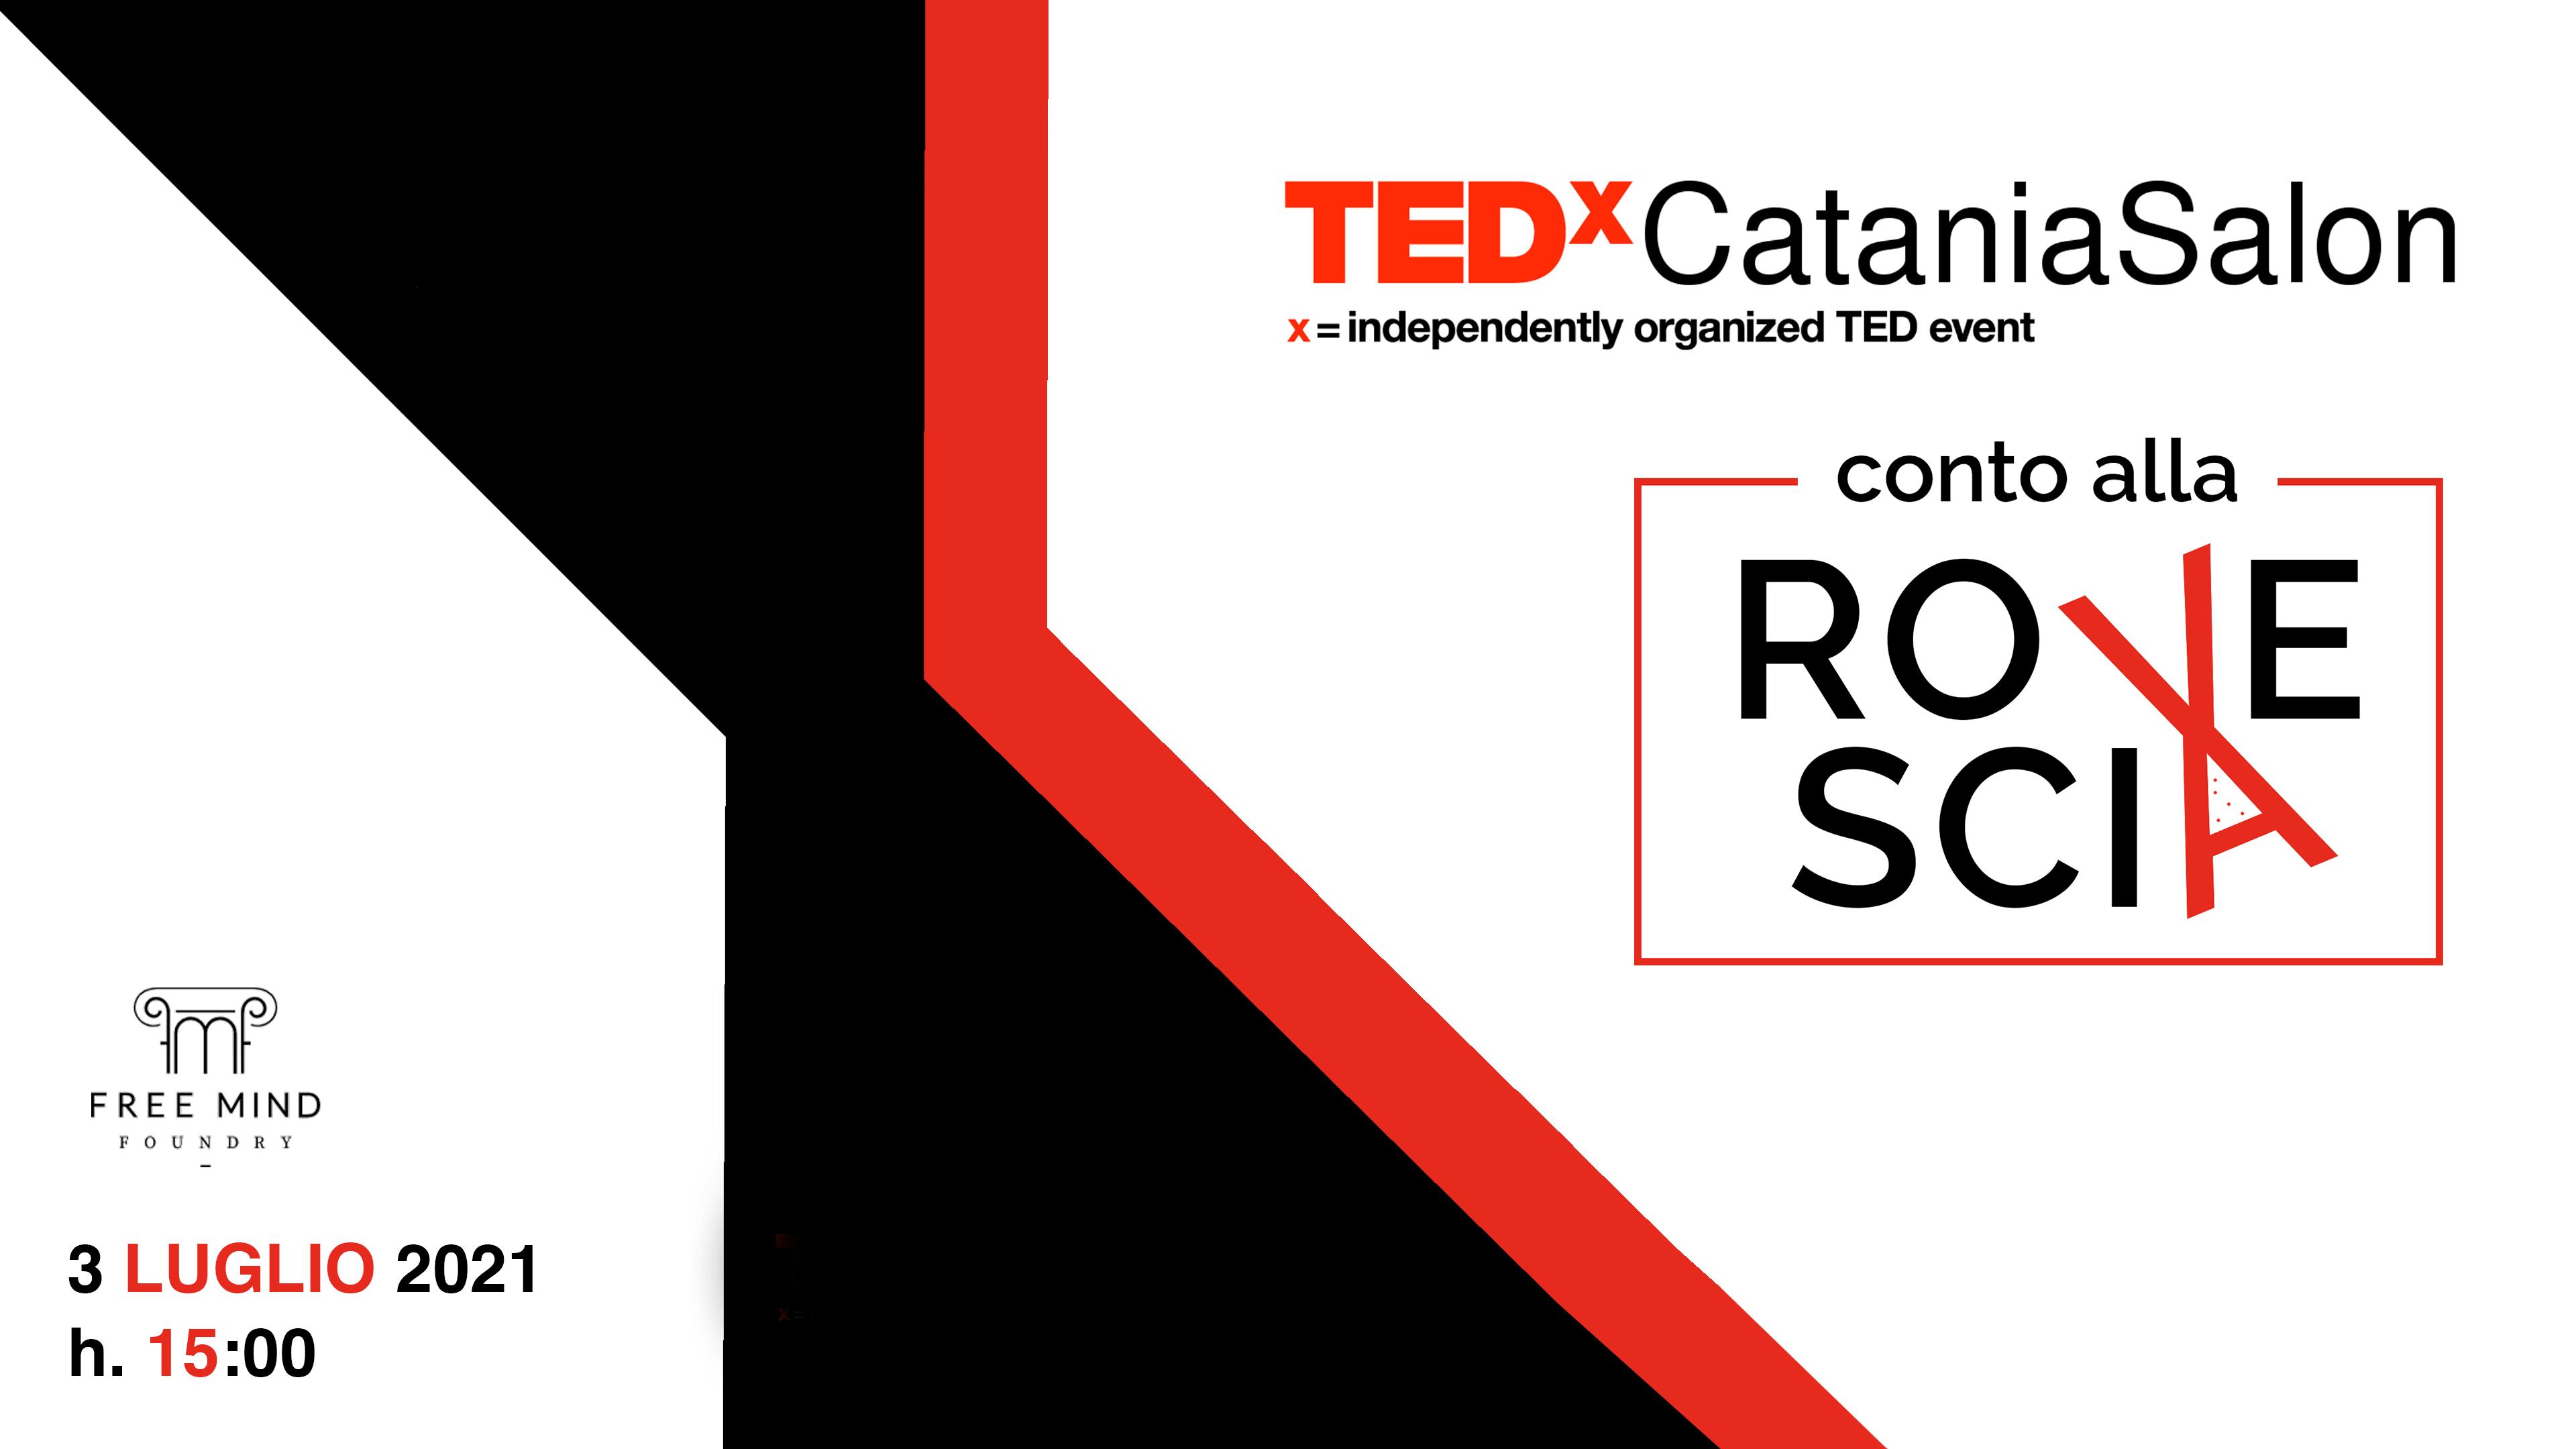 TEDxCataniaSalon - Conto alla Rovescia